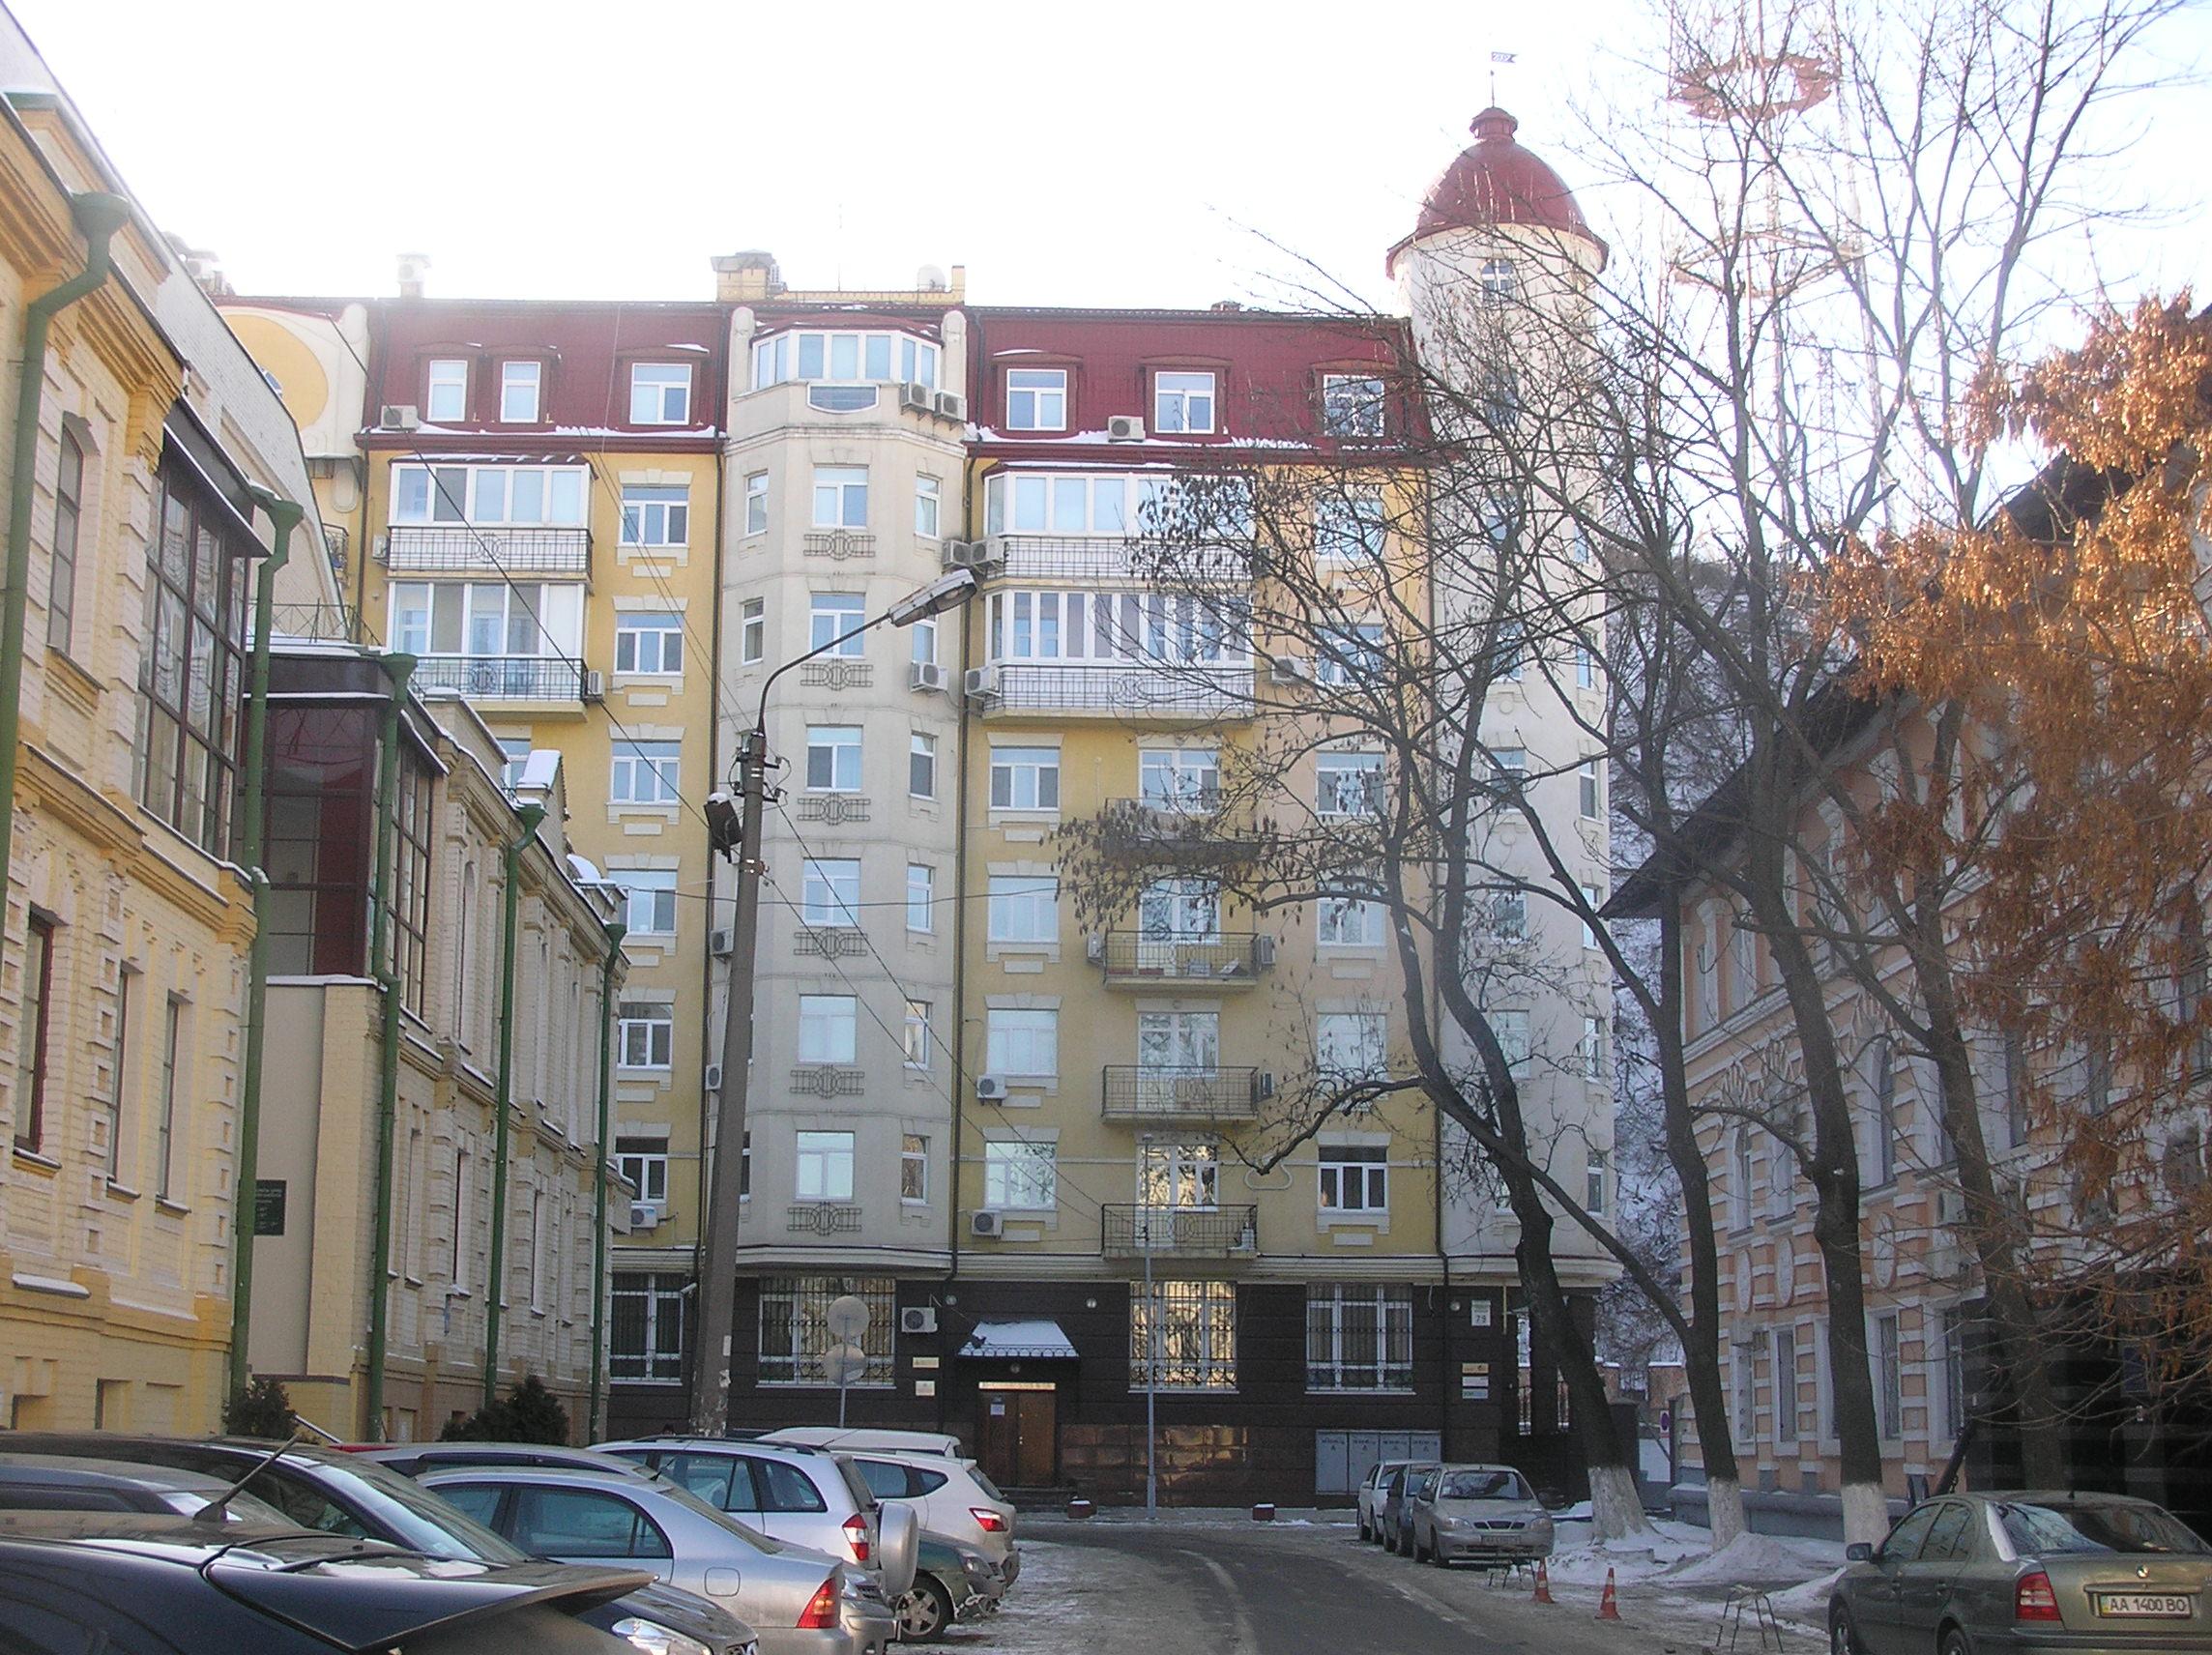 Будинок на Подолі, у якому, за даними Слідства.Інфо, пані Лукаш має квартиру